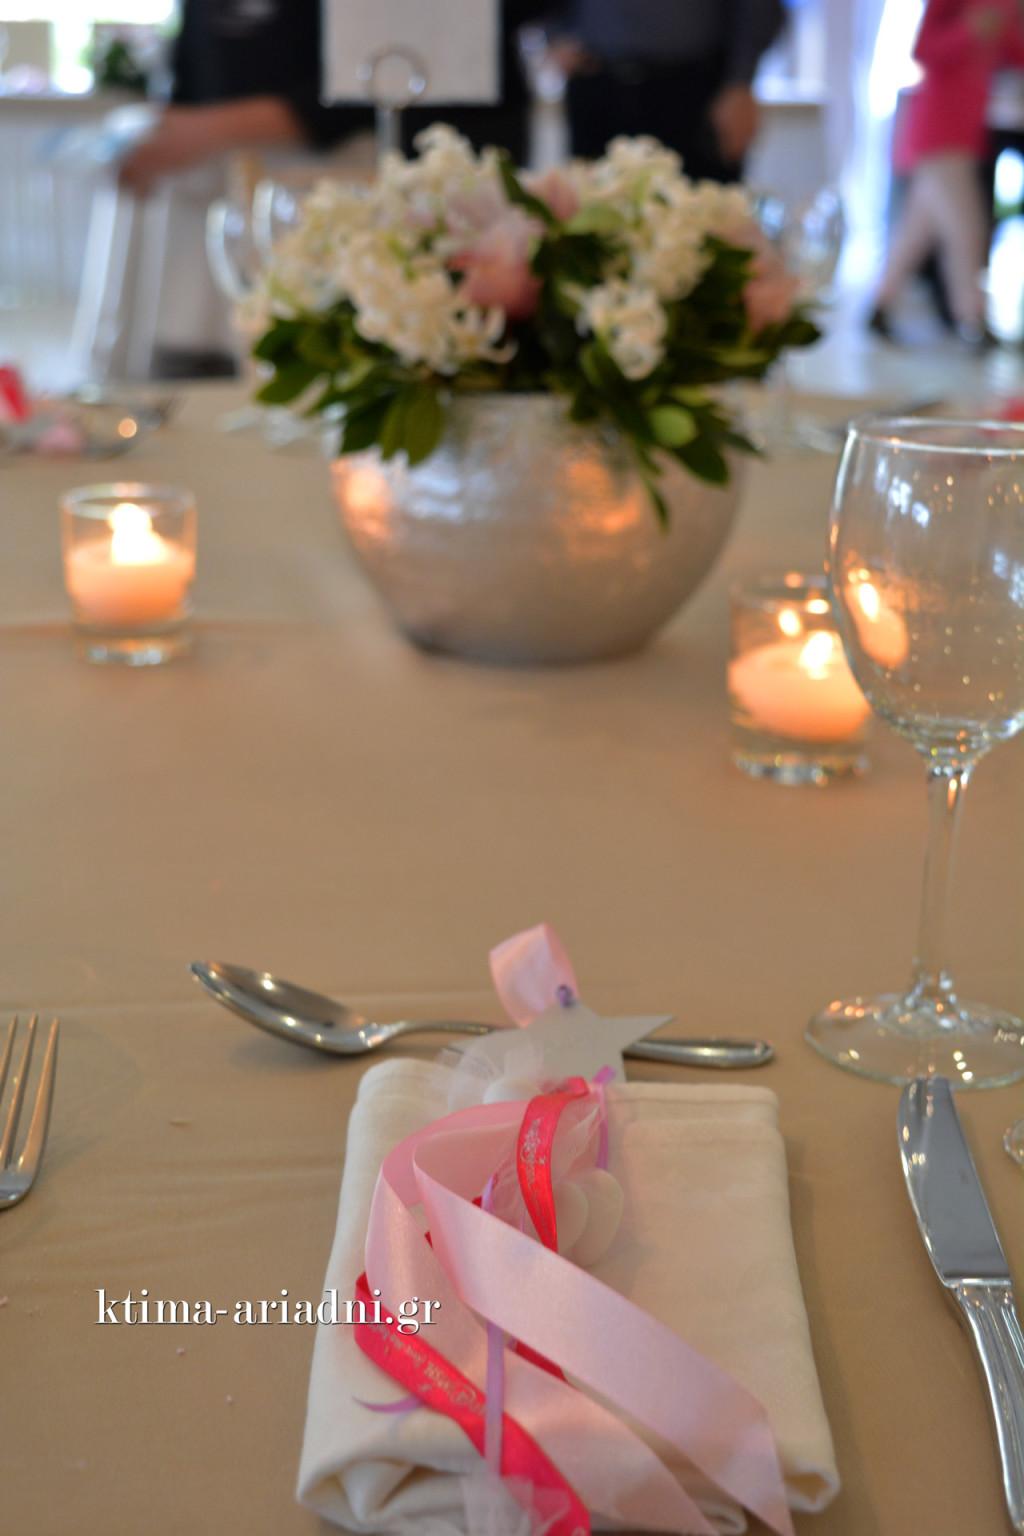 Μπομπονιέρες γάμου κρεμαστές με το αστέρι της ευχής από το Make a Wish